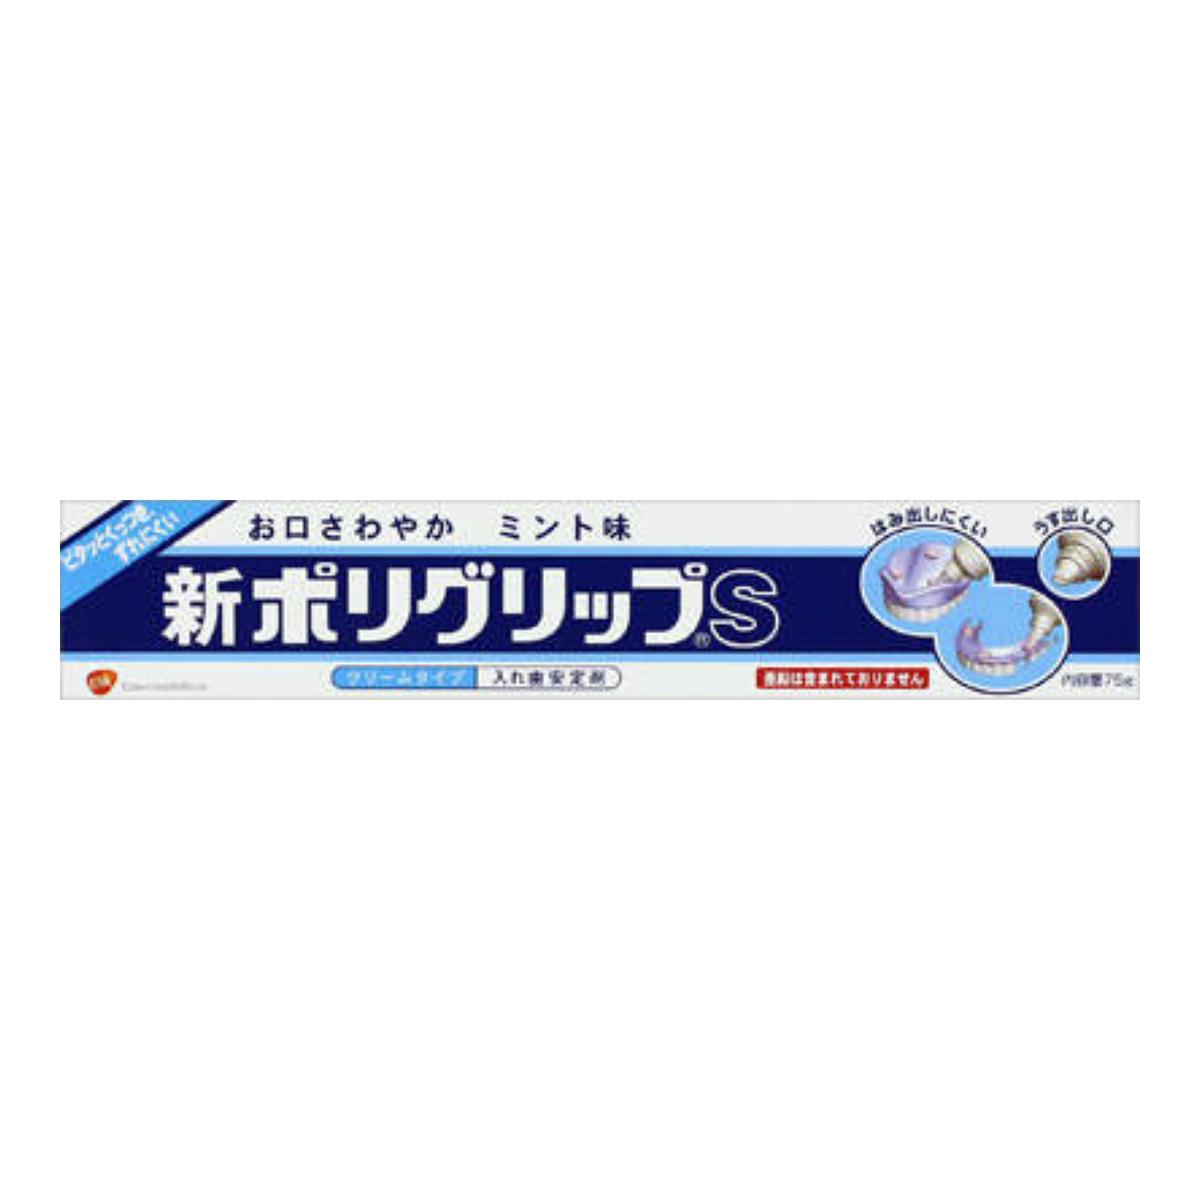 【送料無料】アース製薬 新ポリグリップ S 75g×48点セット まとめ買い特価!ケース販売 ( 4901080701114 )